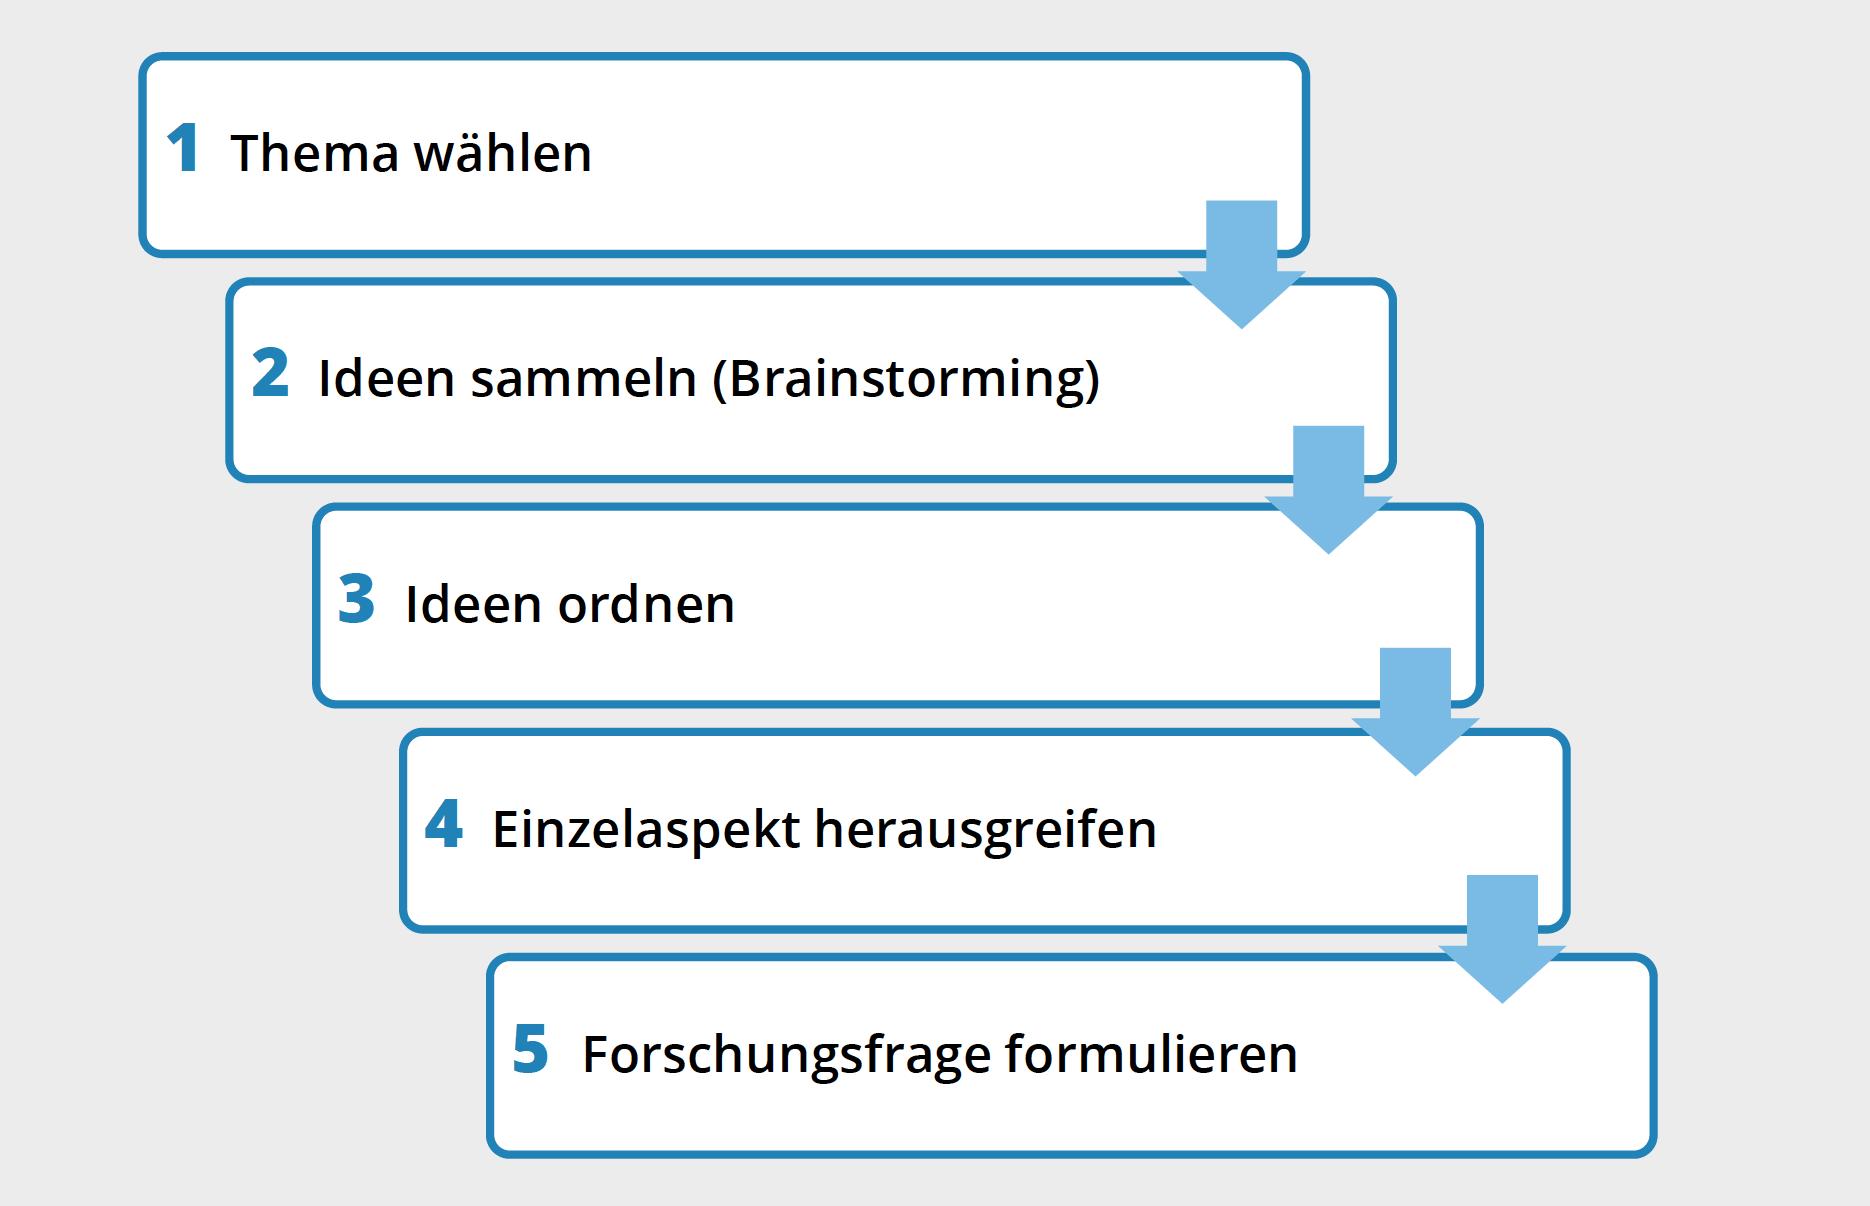 Die Themenfindung im schematischen ueberblick